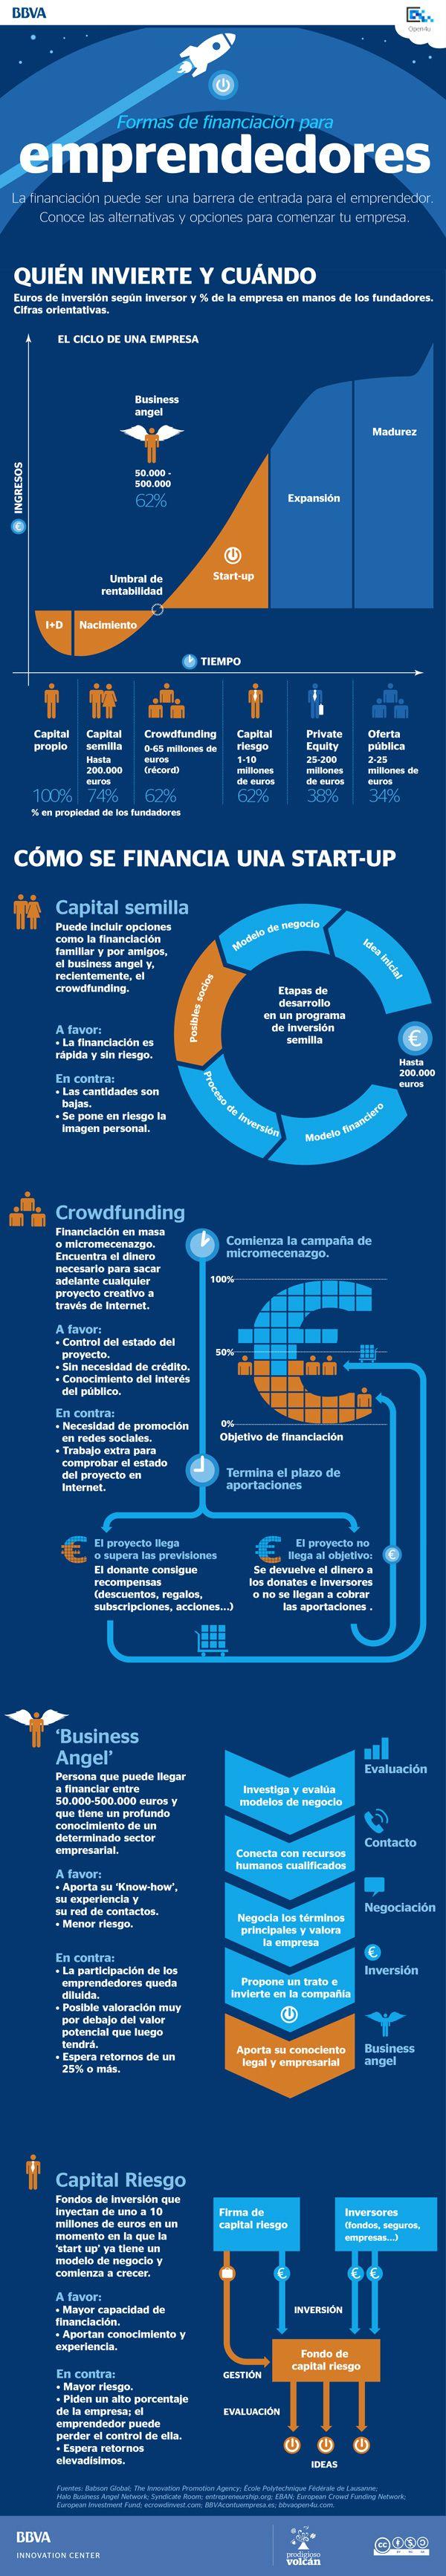 Infografía: Tipos de financiación para emprendedores | BBVAOpen4u.com